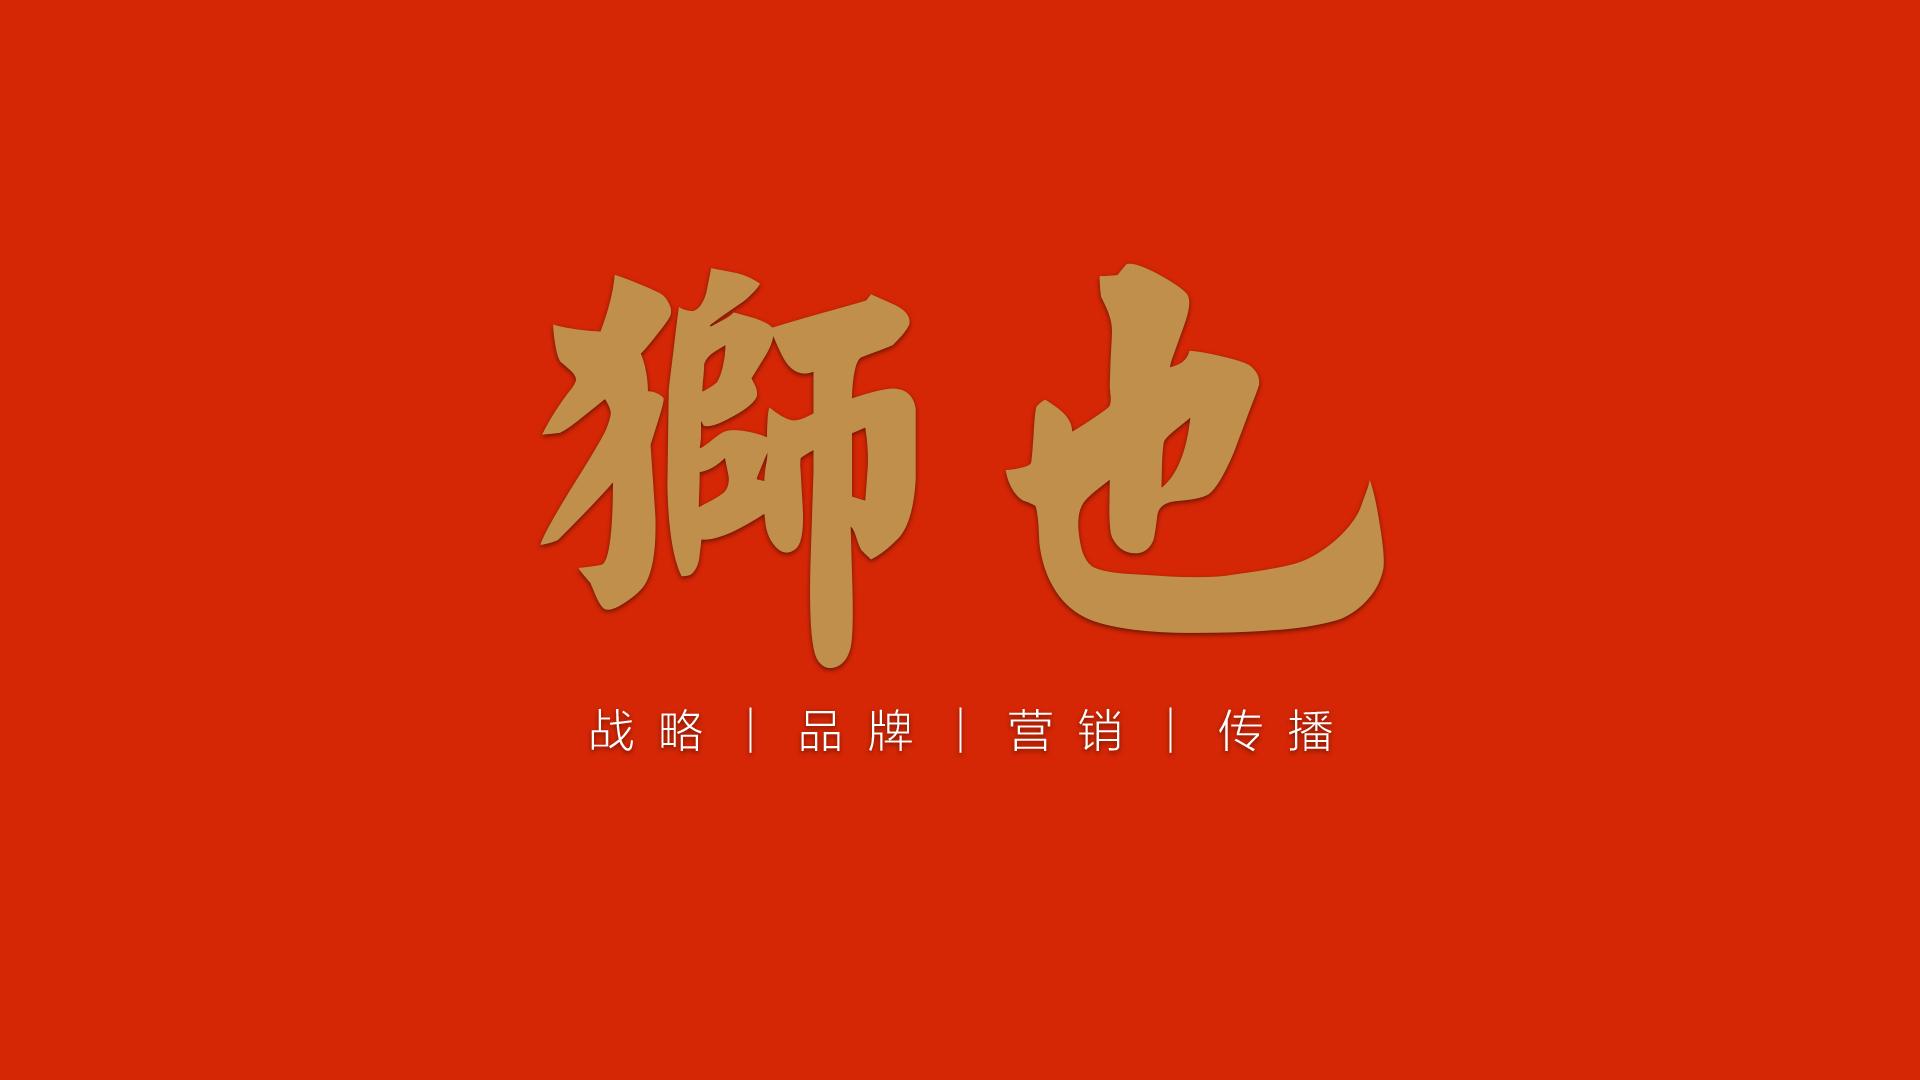 上海营销策划公司—战略制定:企业整体层次战略的主要内容